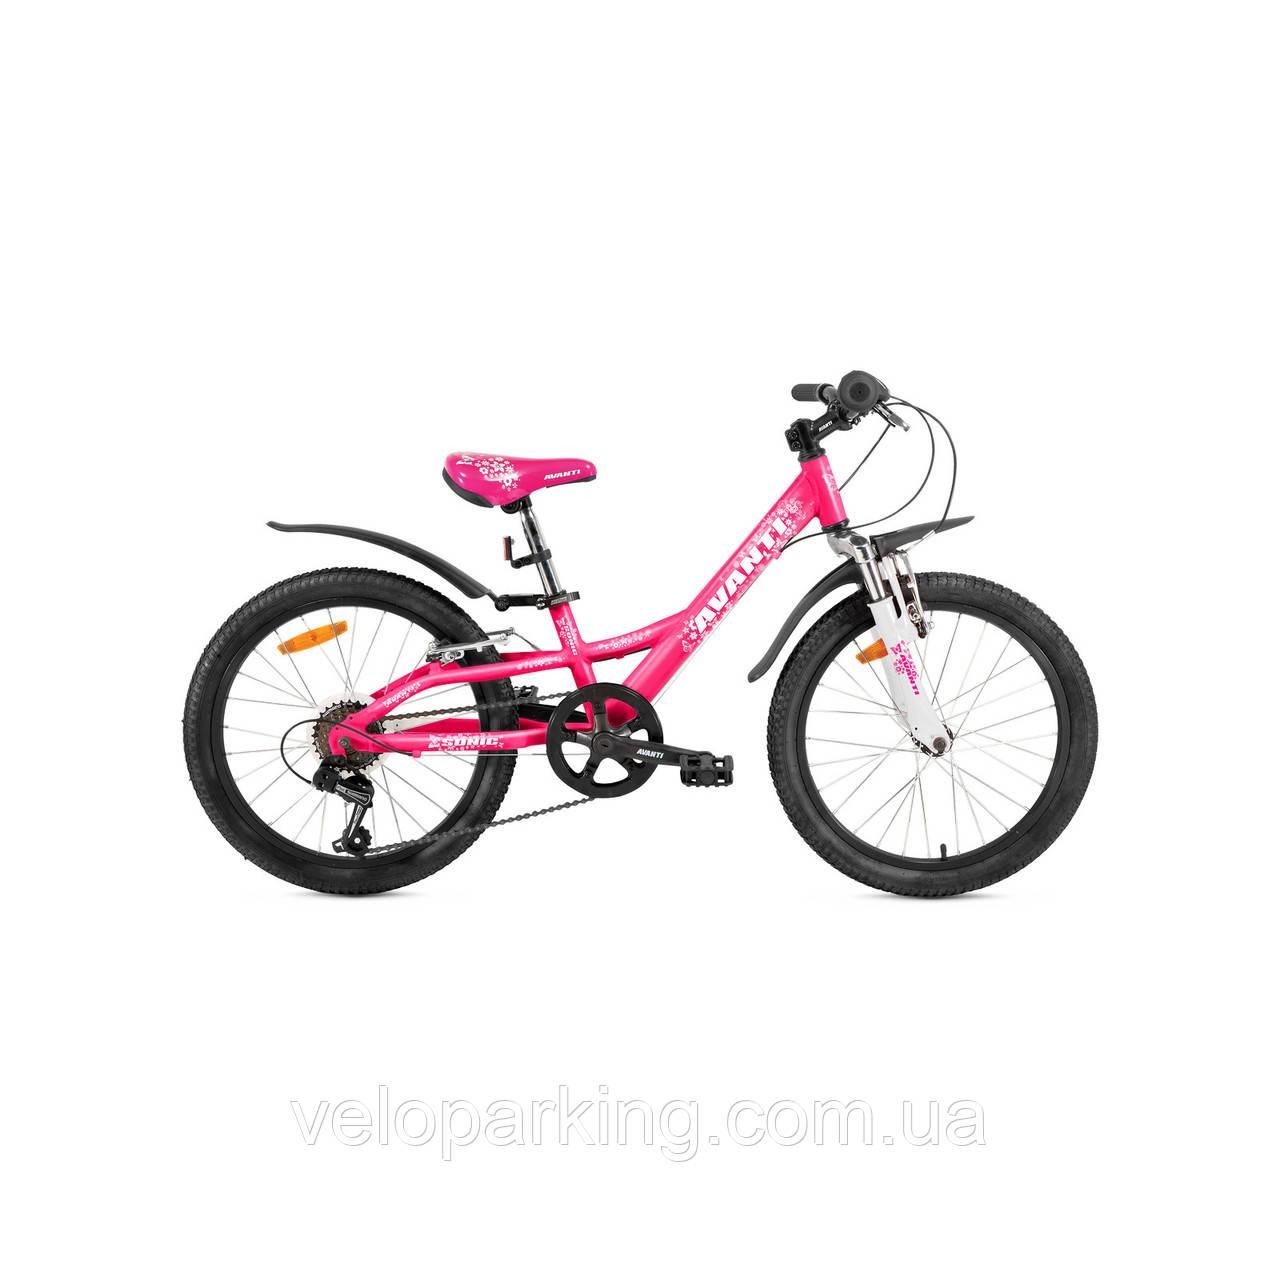 ee5e0ae6ff7398 Горный детский велосипед для девочки Avanti Sonic 20 (2018) new -  ВЕЛОПАРКing в Харькове